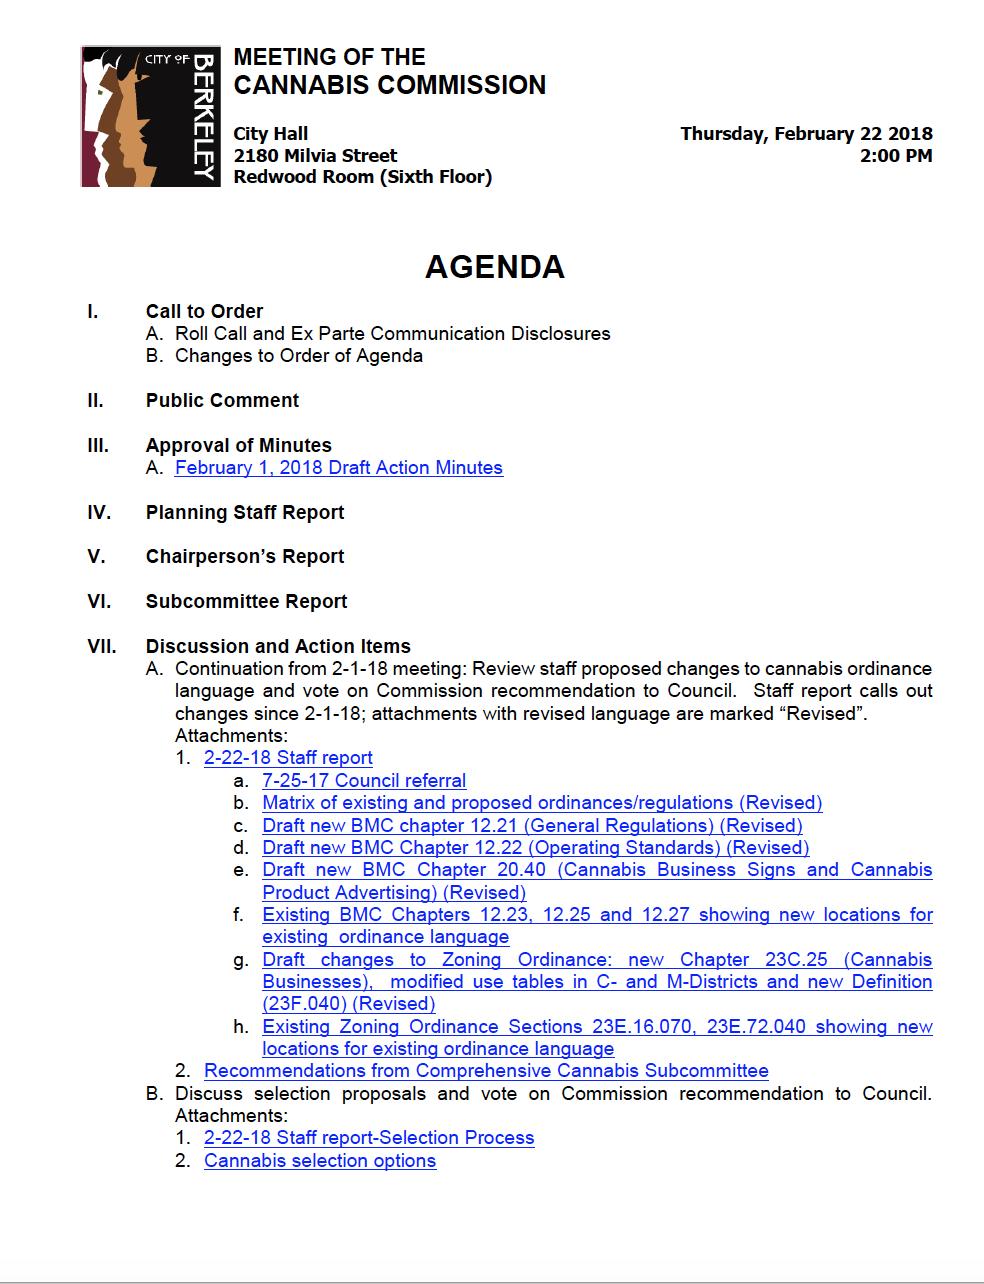 2018-02-22 Agenda.png